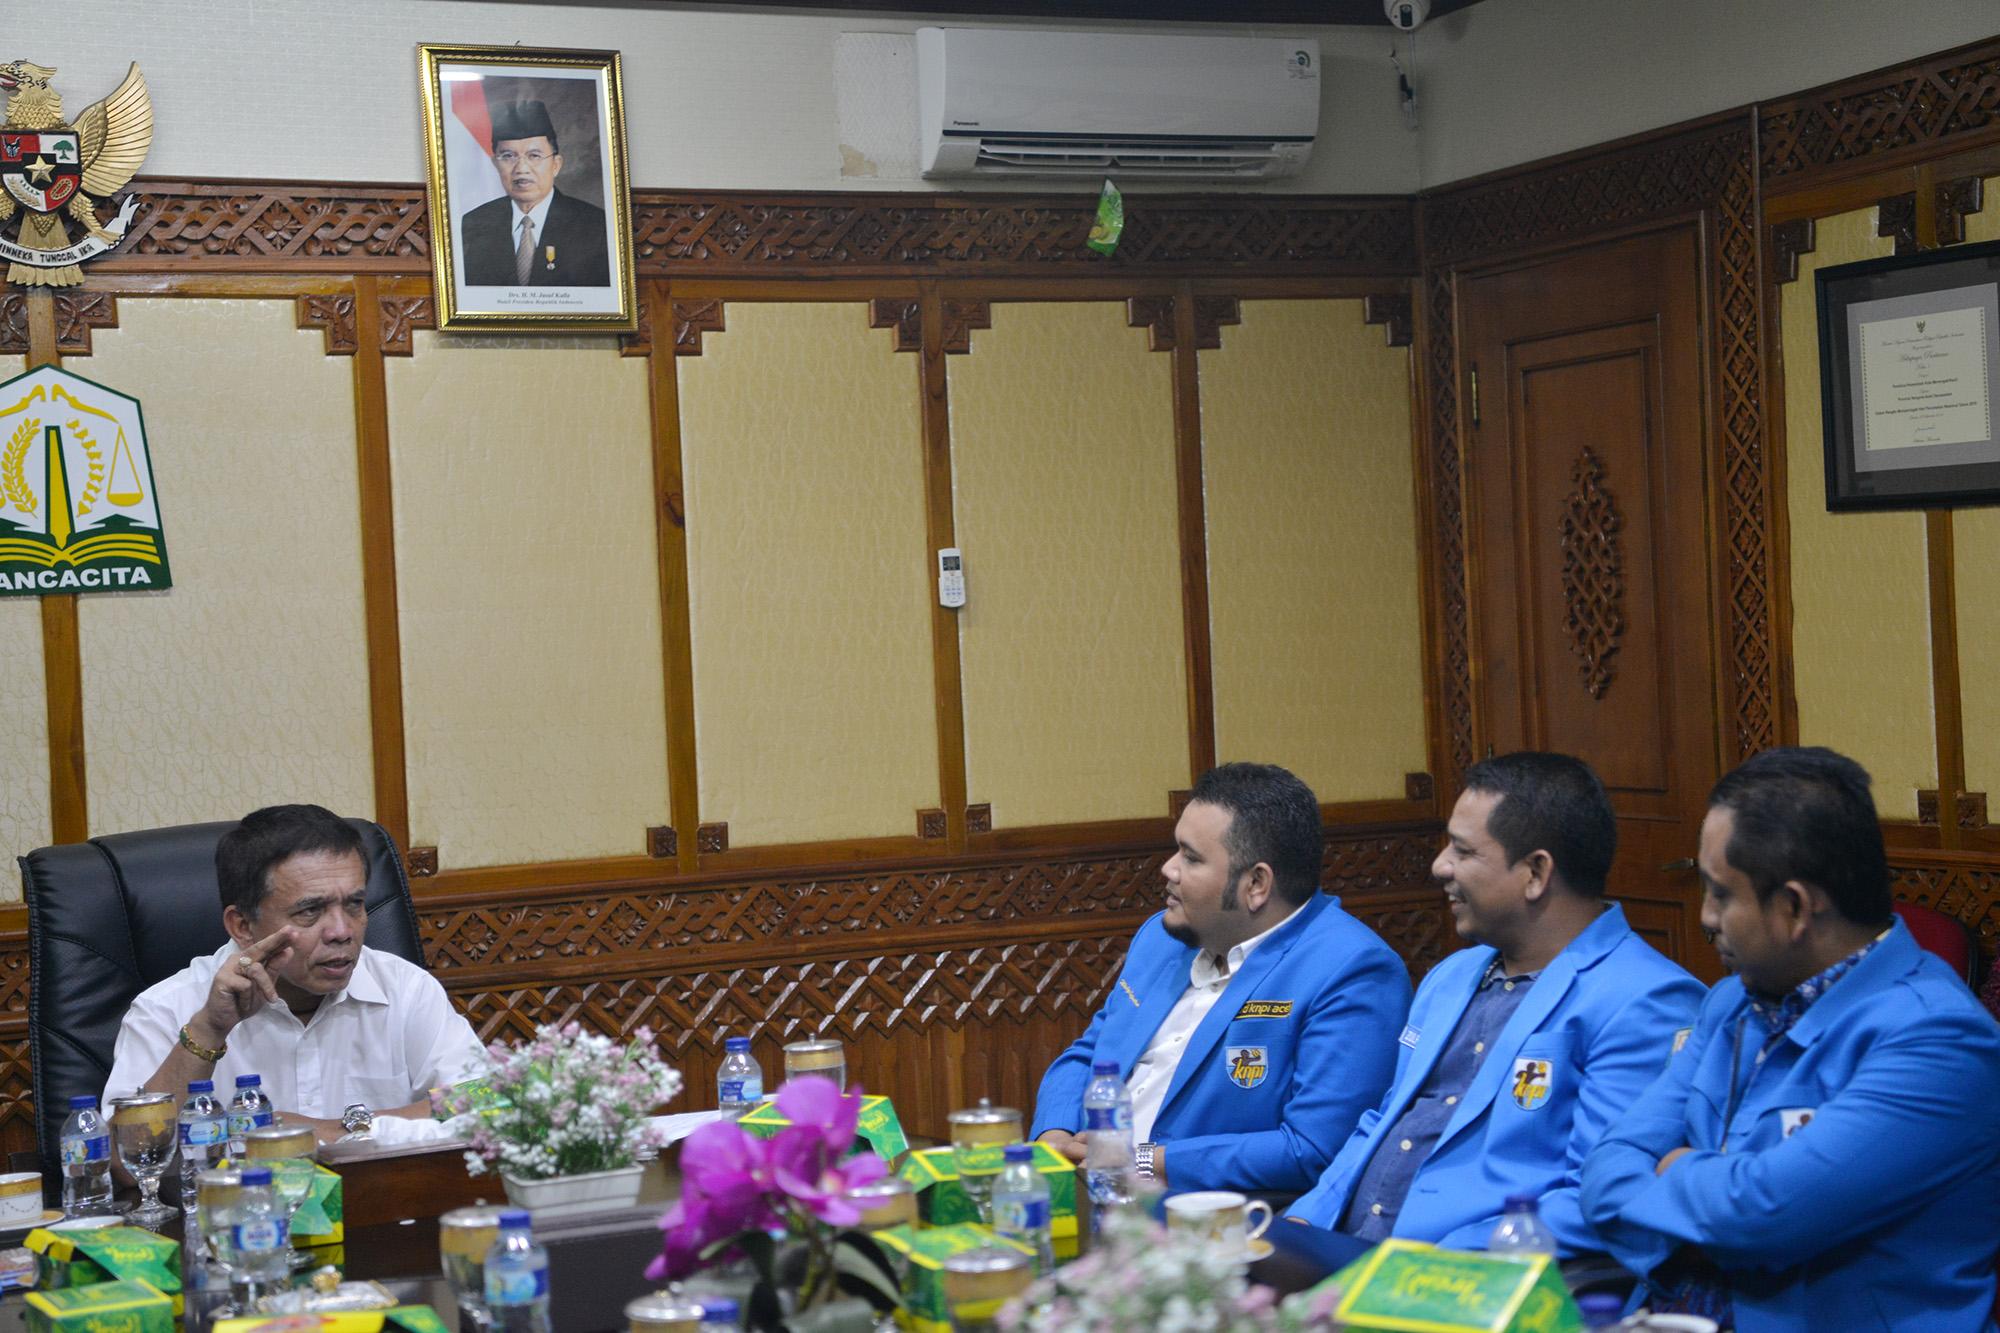 Gubernur Ajak KNPI Berkontribusi dalam Menurunkan Angka Kemiskinan Aceh